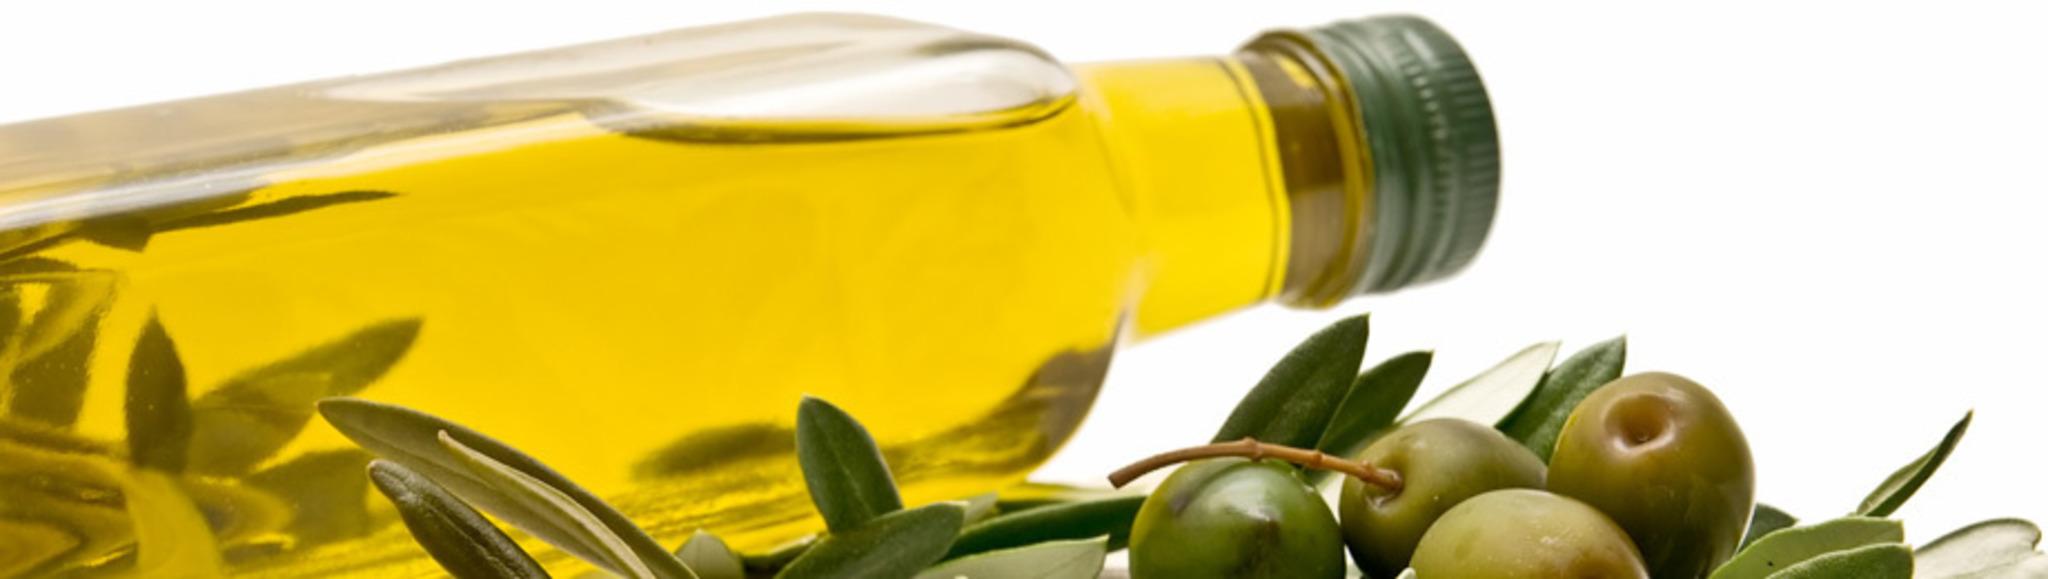 Olivenölskandal Stiftung Warentest Hat 26 Olivenöle Erster